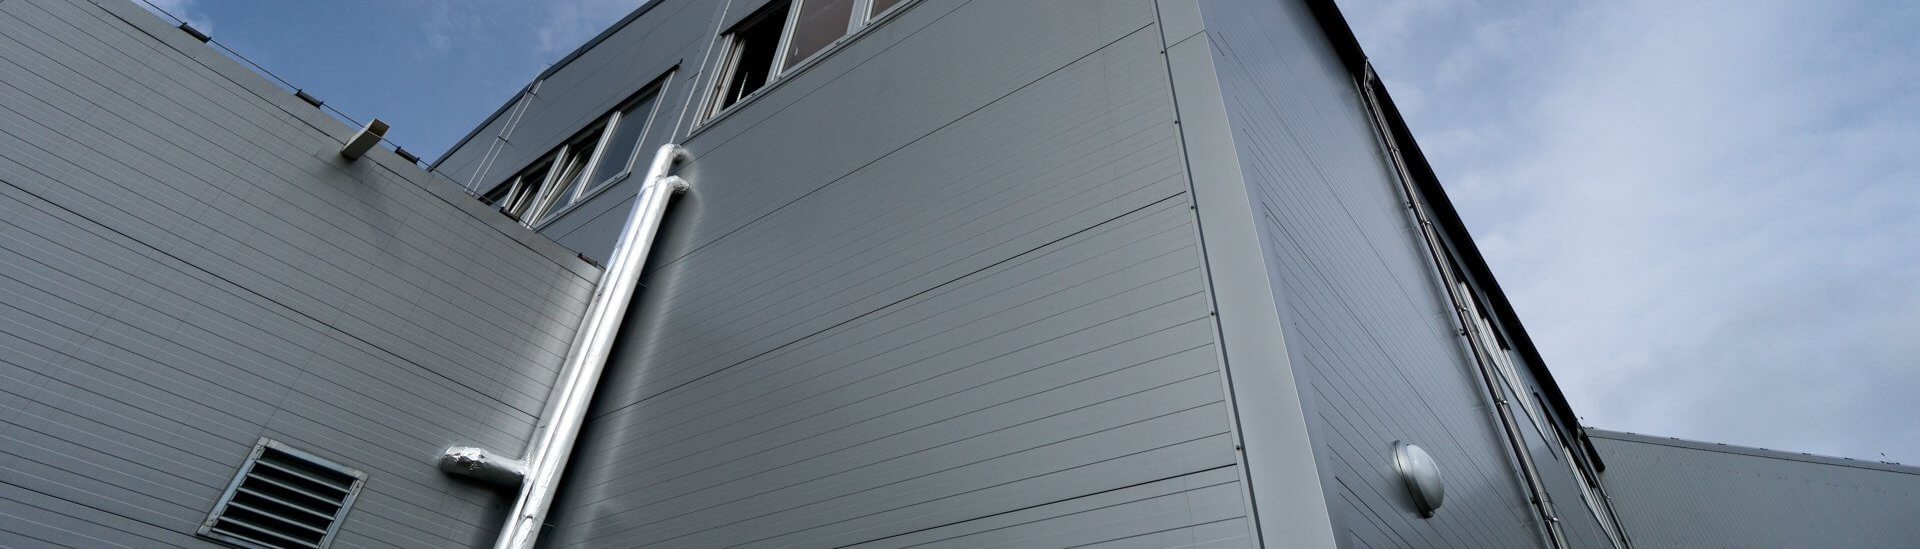 LLENTAB building CZ0651 Hauk